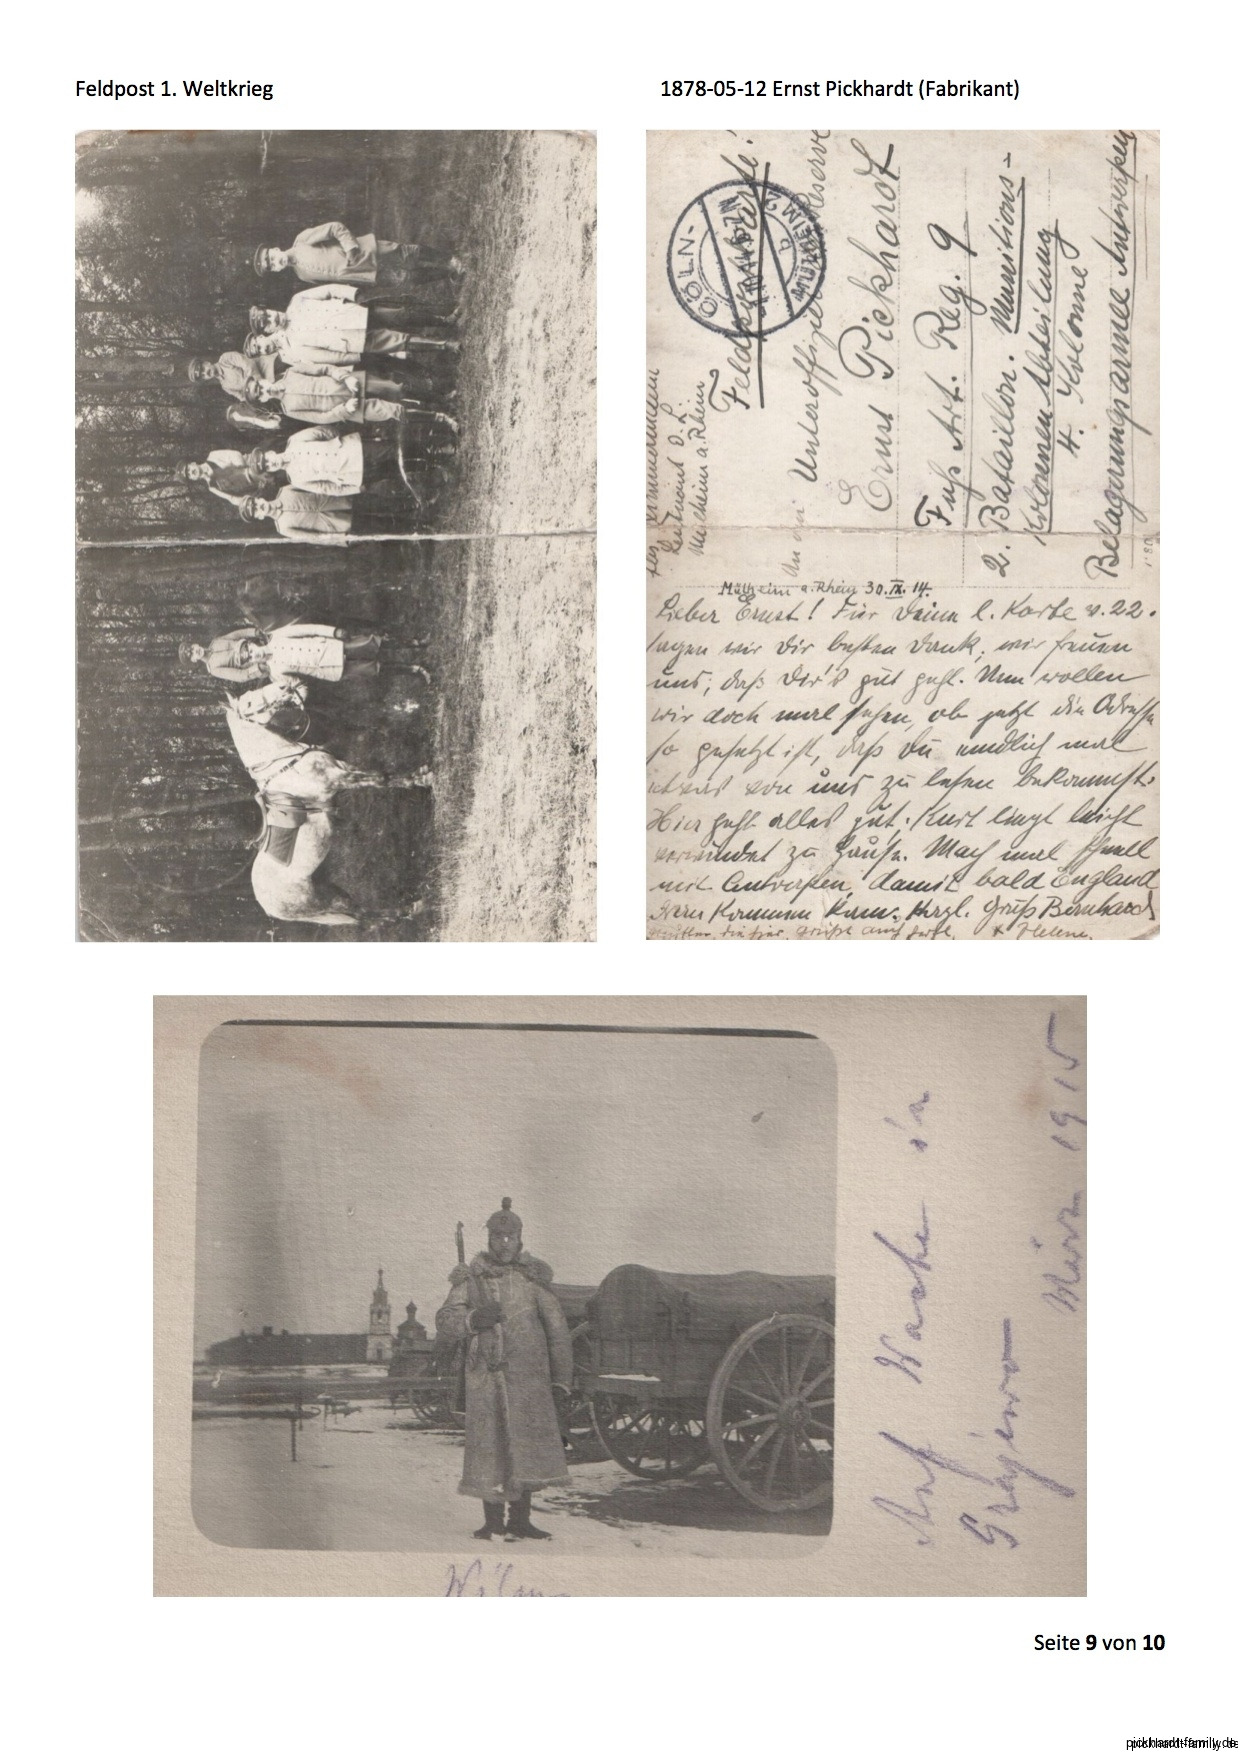 1914 Feldpost von Ernst Pickardt als Einjährig-Freiwilliger in Russland1